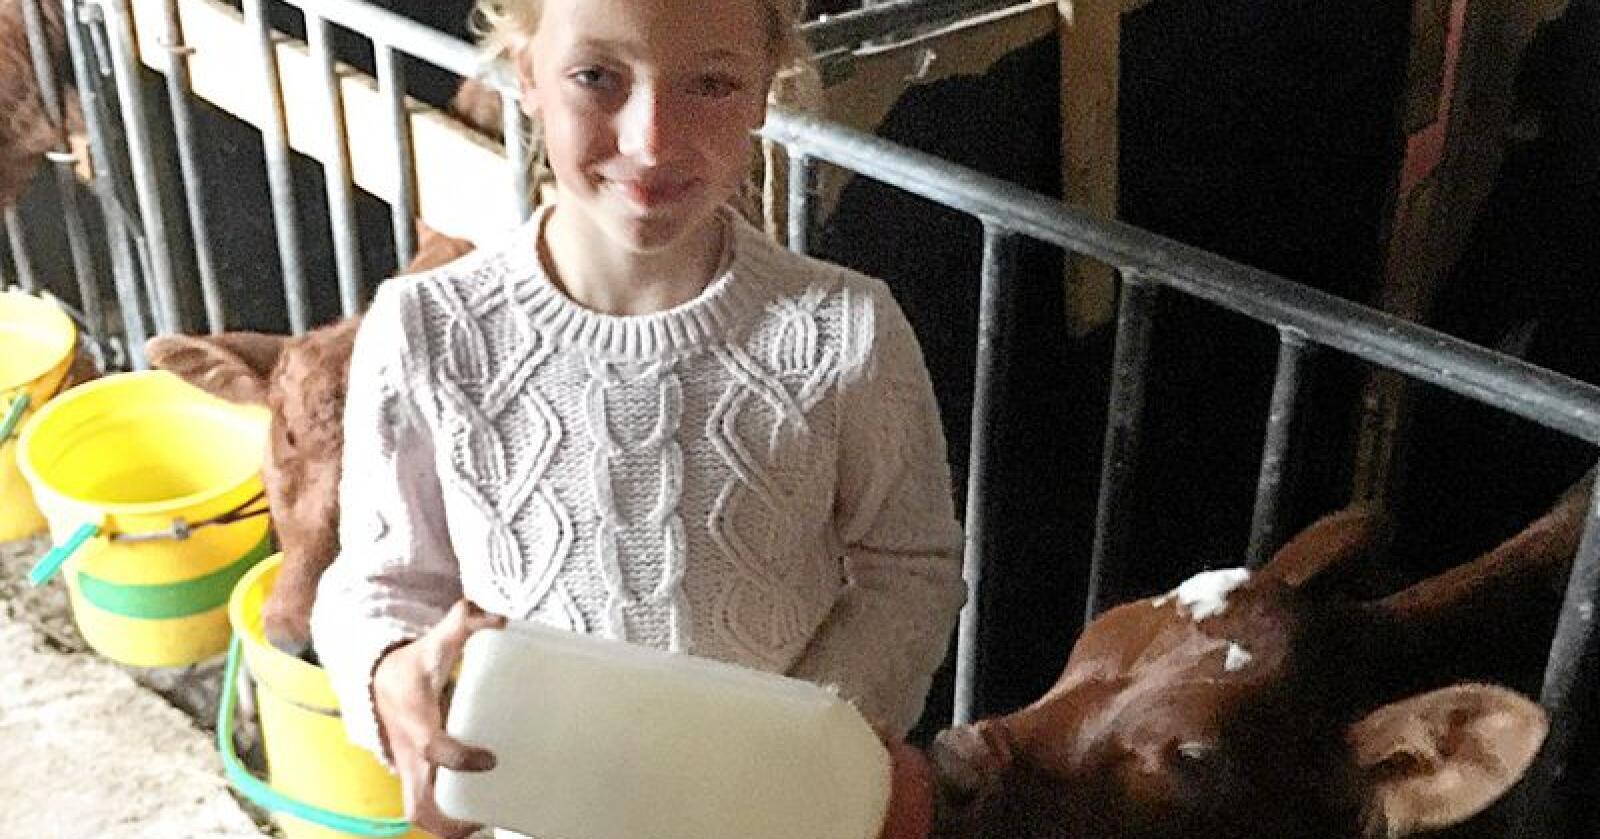 Sofie Richter gir mjølk til kalven, som vart oppkalla etter den vesle feriebudeia. Foto: Privat